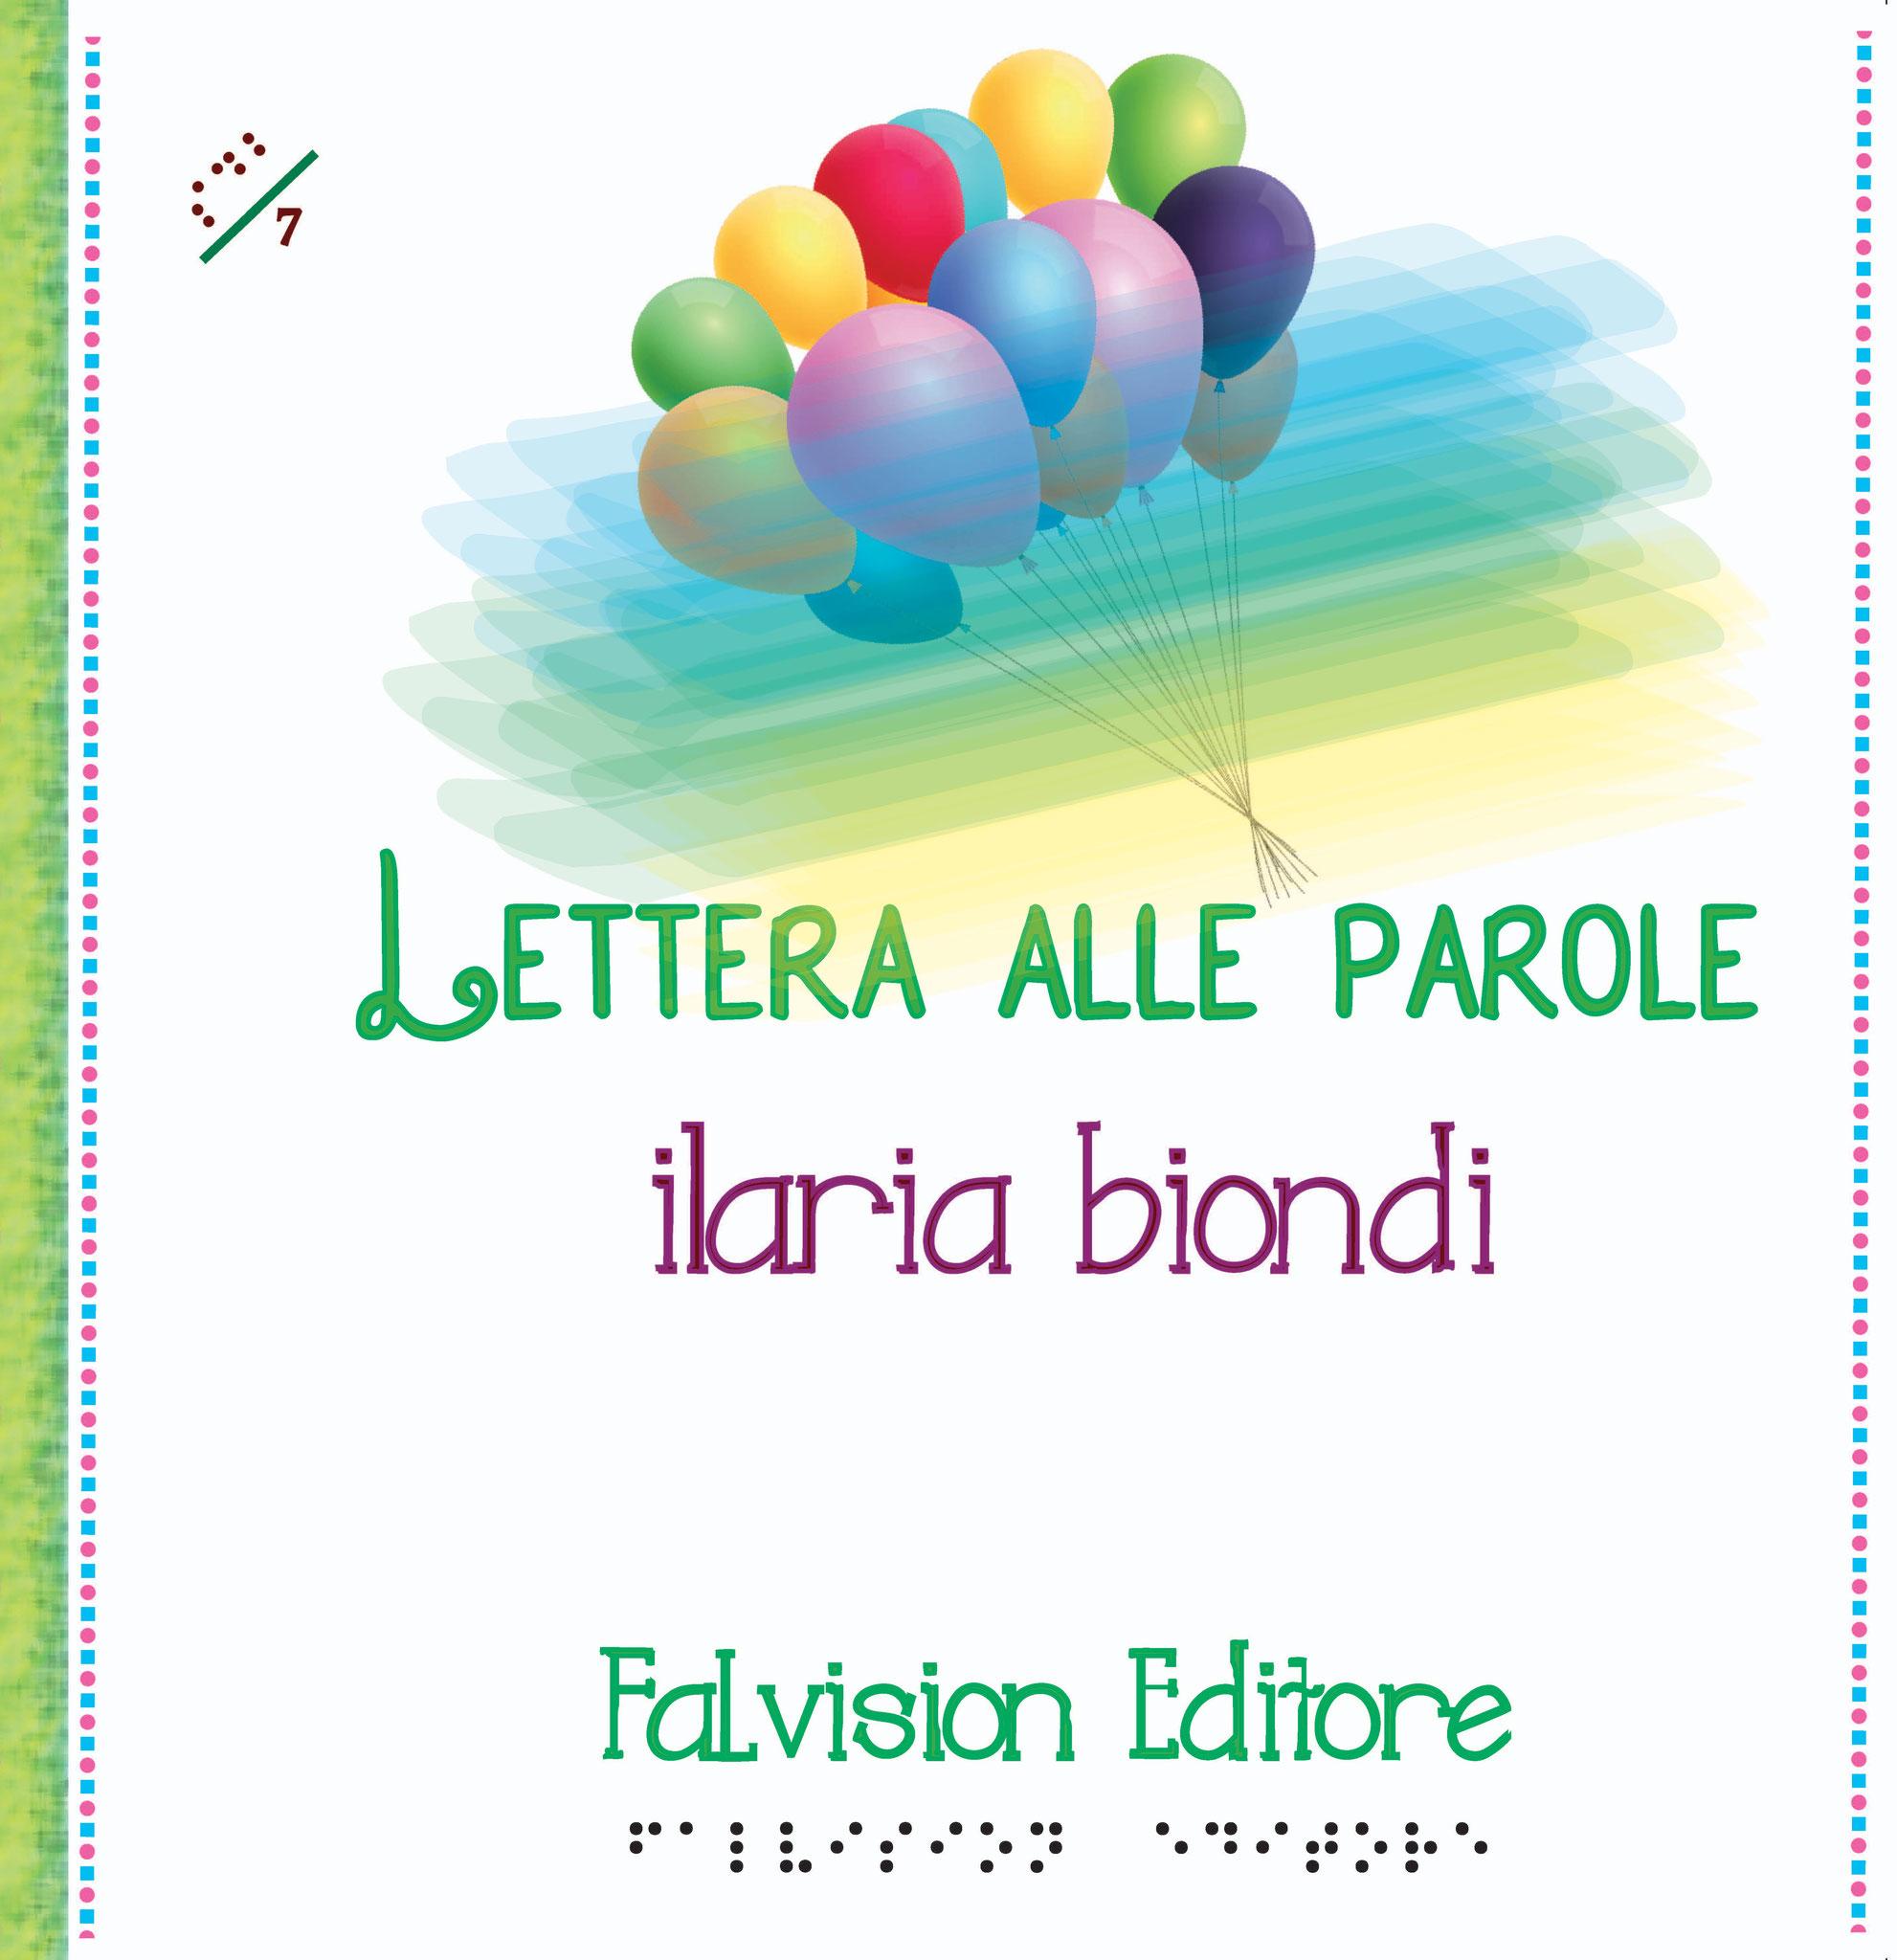 Lettera alle parole, Ilaria Biondi